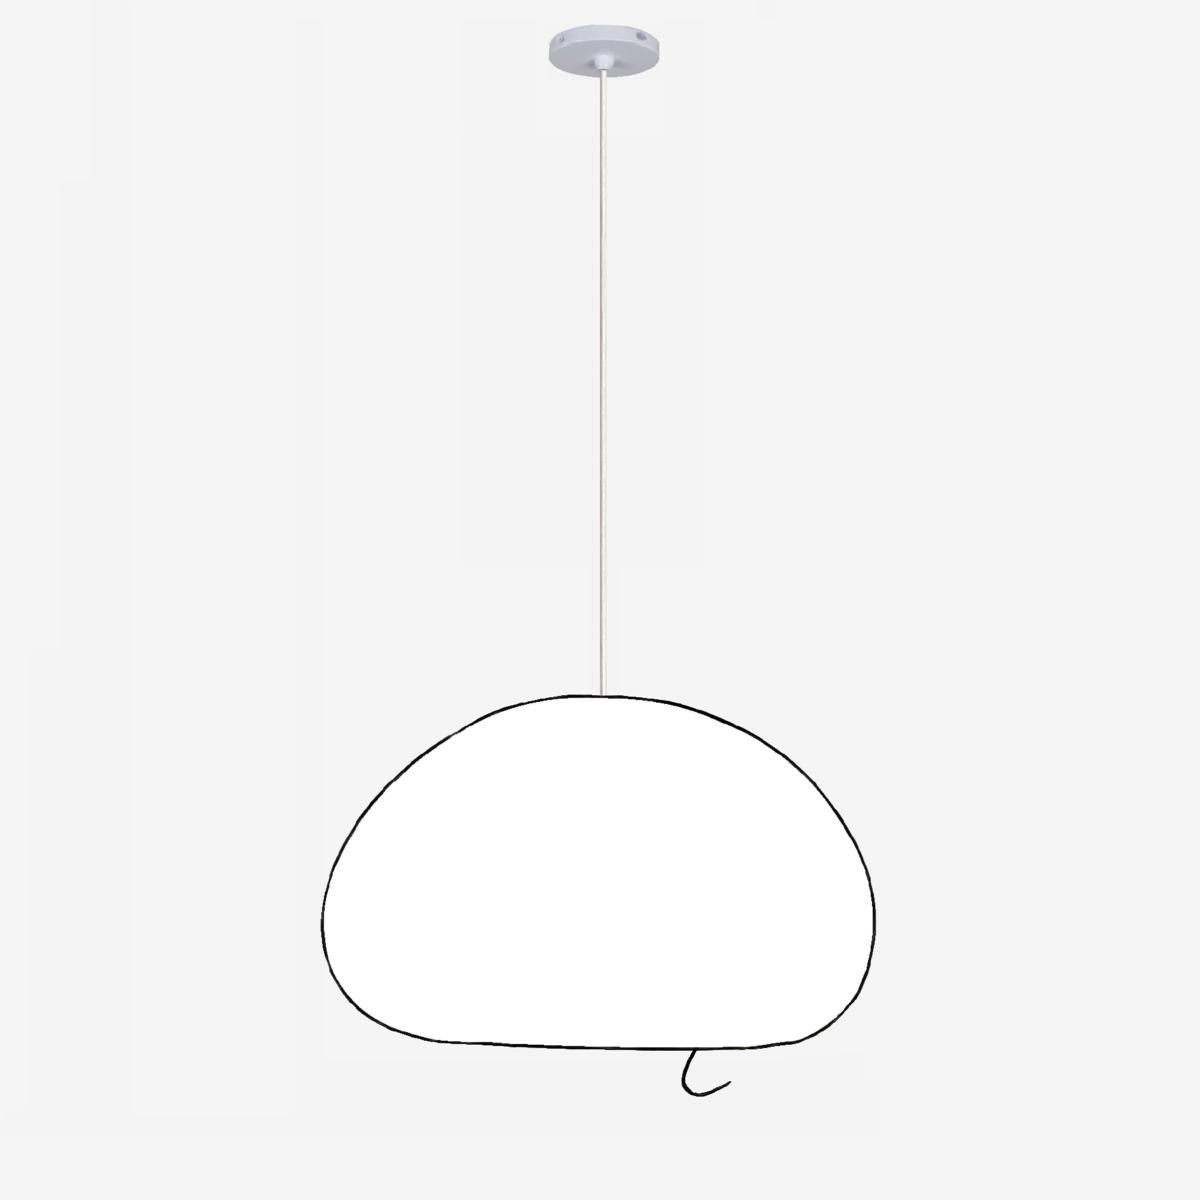 B8 sejldugslampe - FAQ